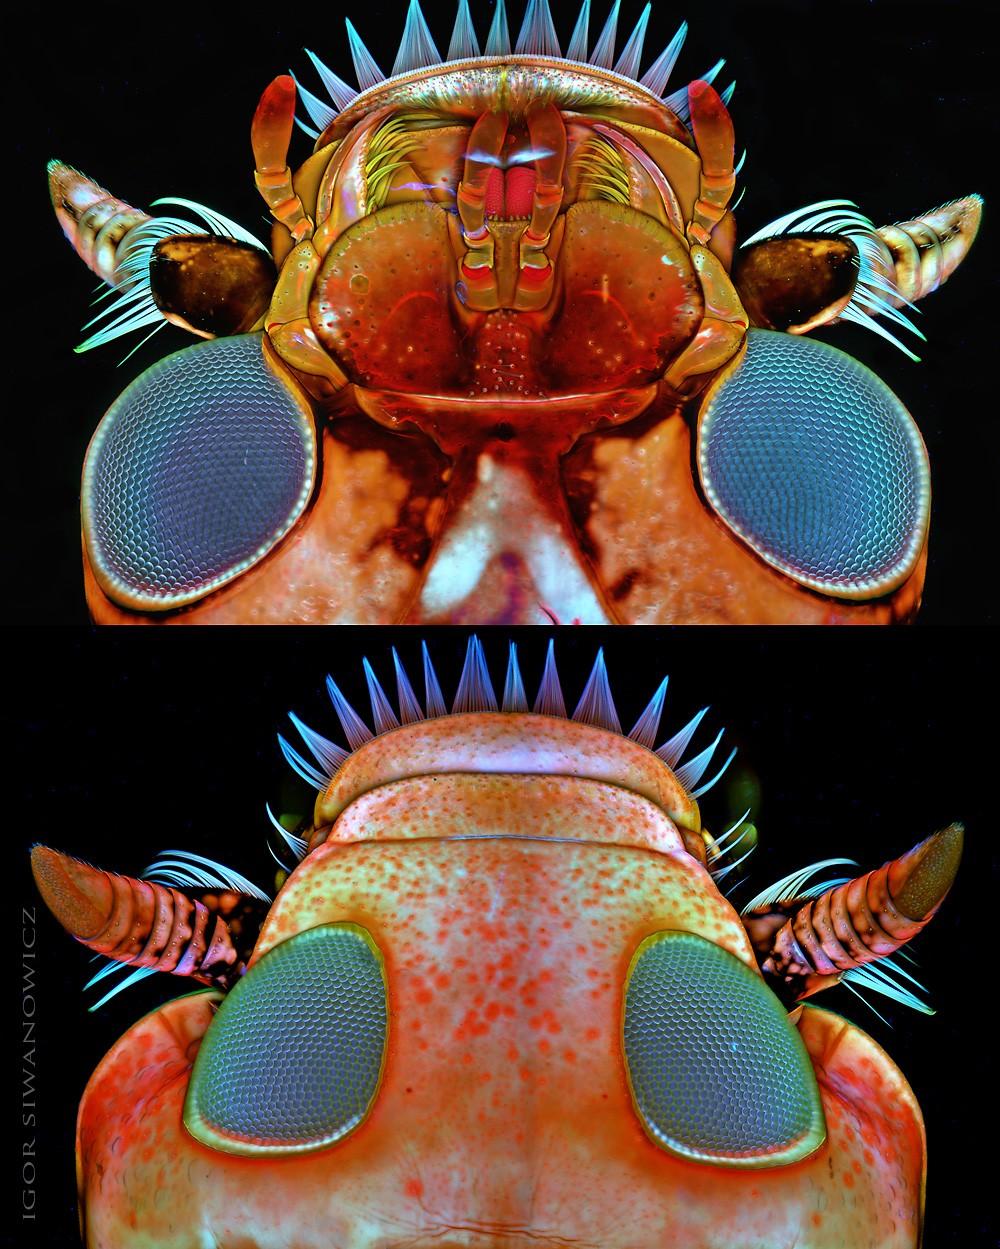 Макрофотографии крохотных существ от Игоря Сивановича